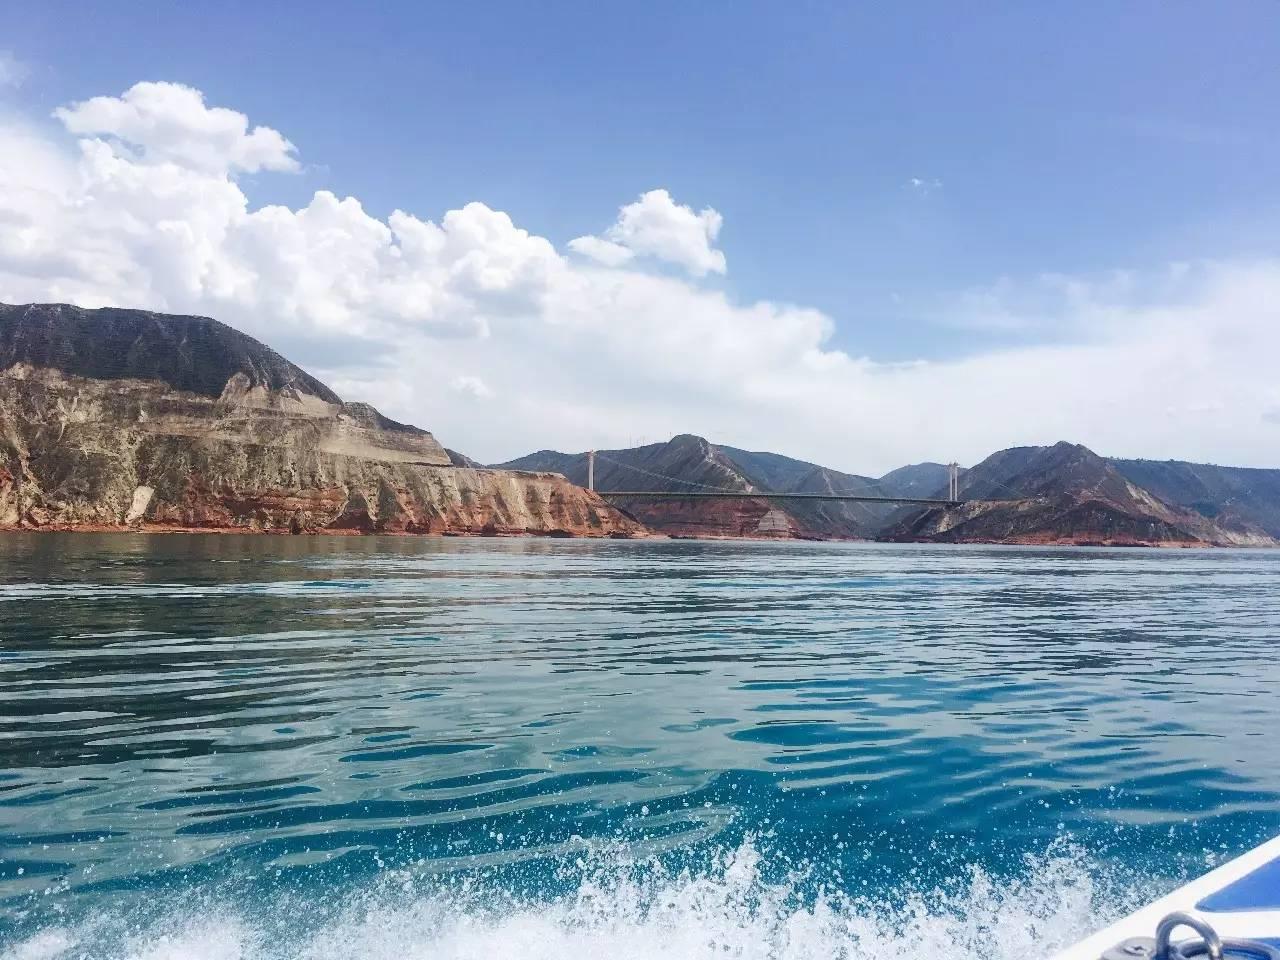 甘肃省永靖县黄河三峡风景名胜区位于甘肃省中部西南,临夏回族自治州